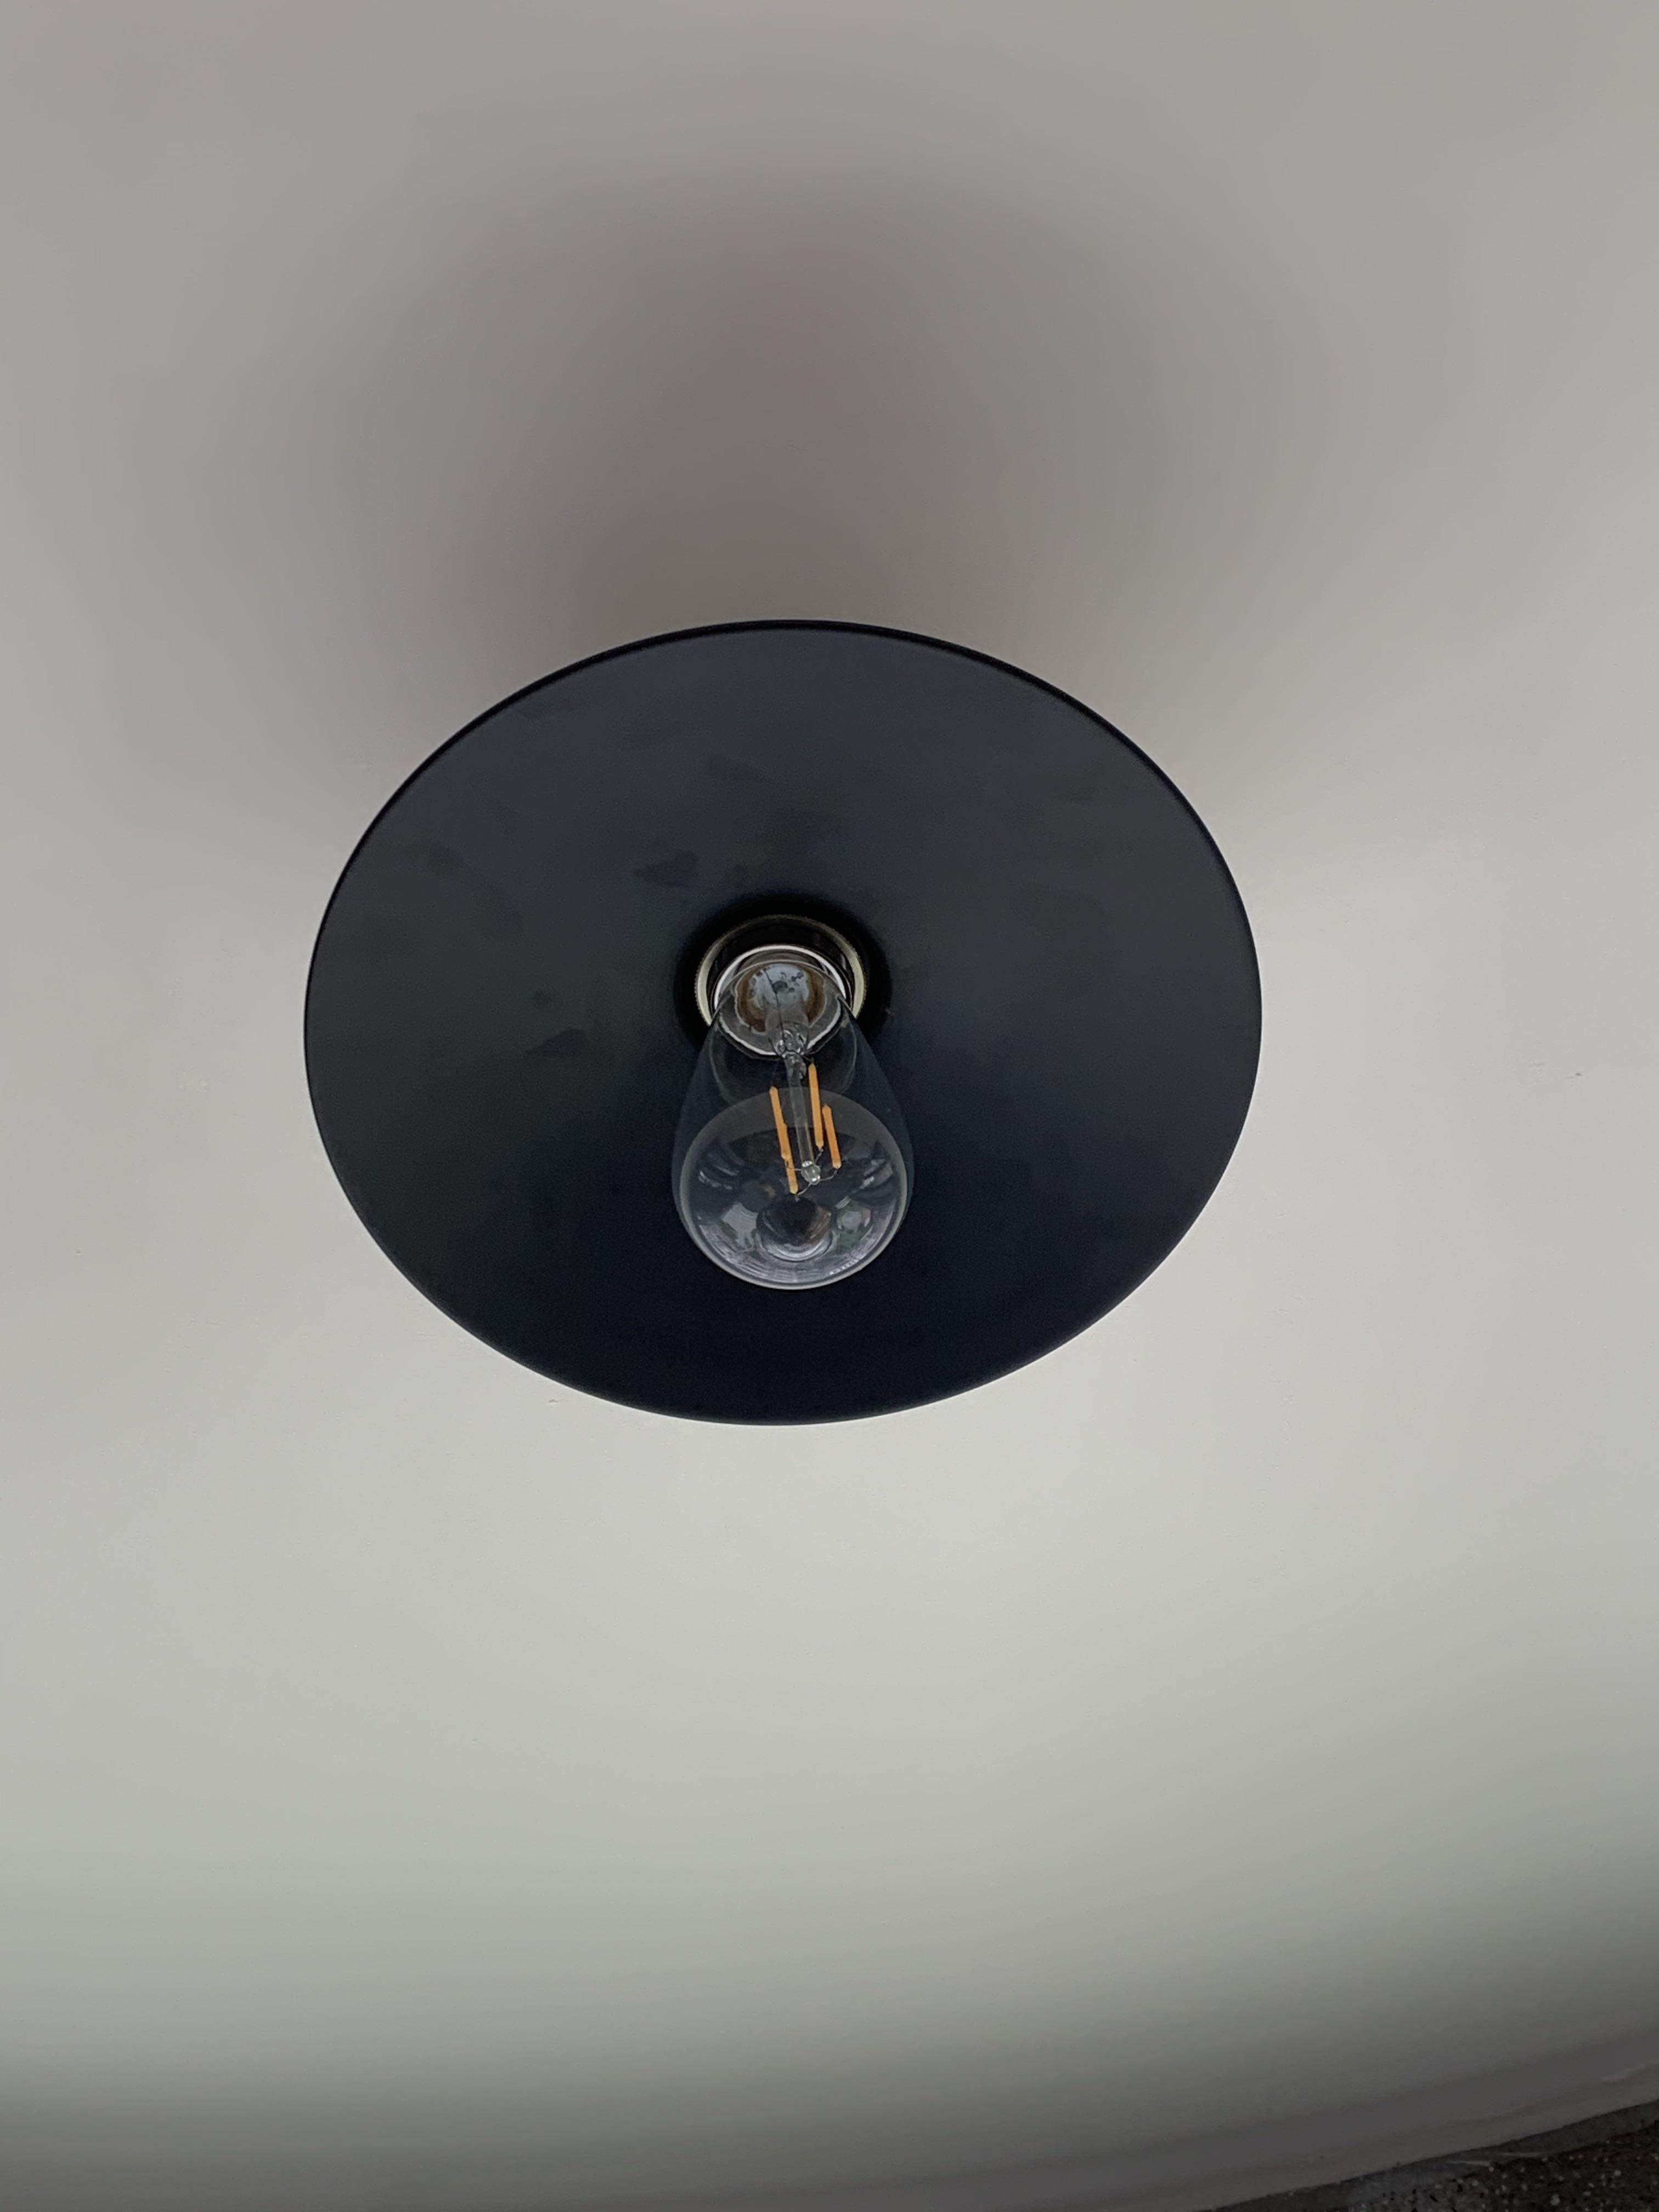 吸頂燈(含鎢絲燈泡)